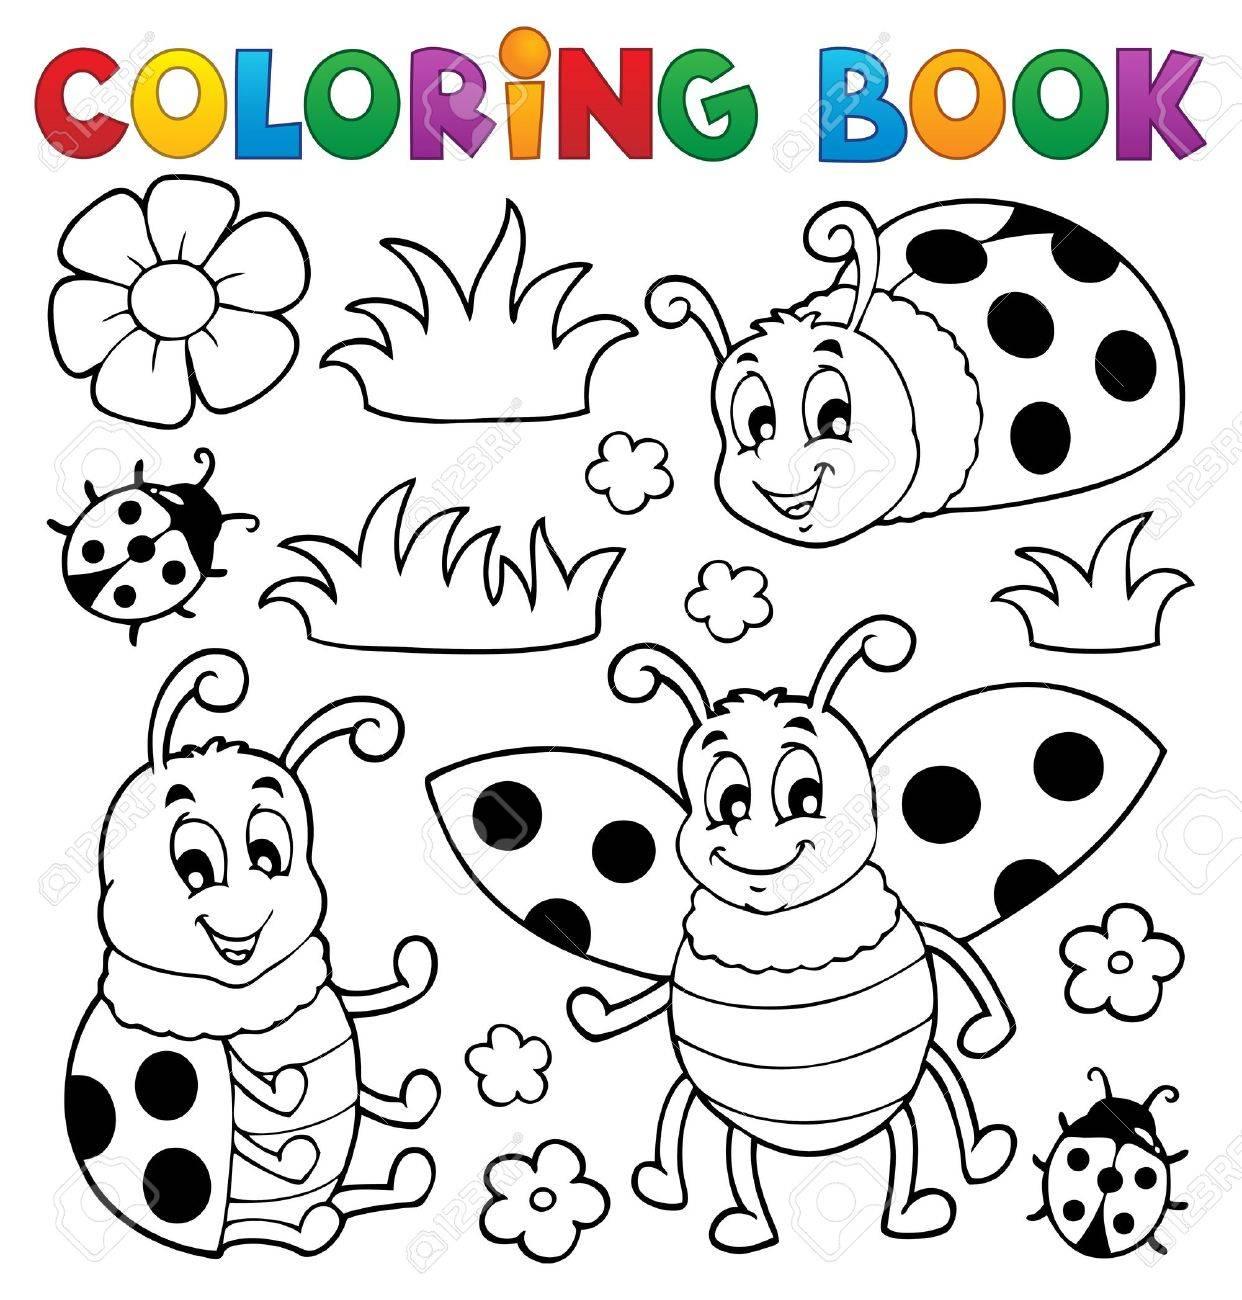 Coccinelle Pour Coloriage.Coloriage Theme Coccinelle Livre 1 Illustration Vectorielle Clip